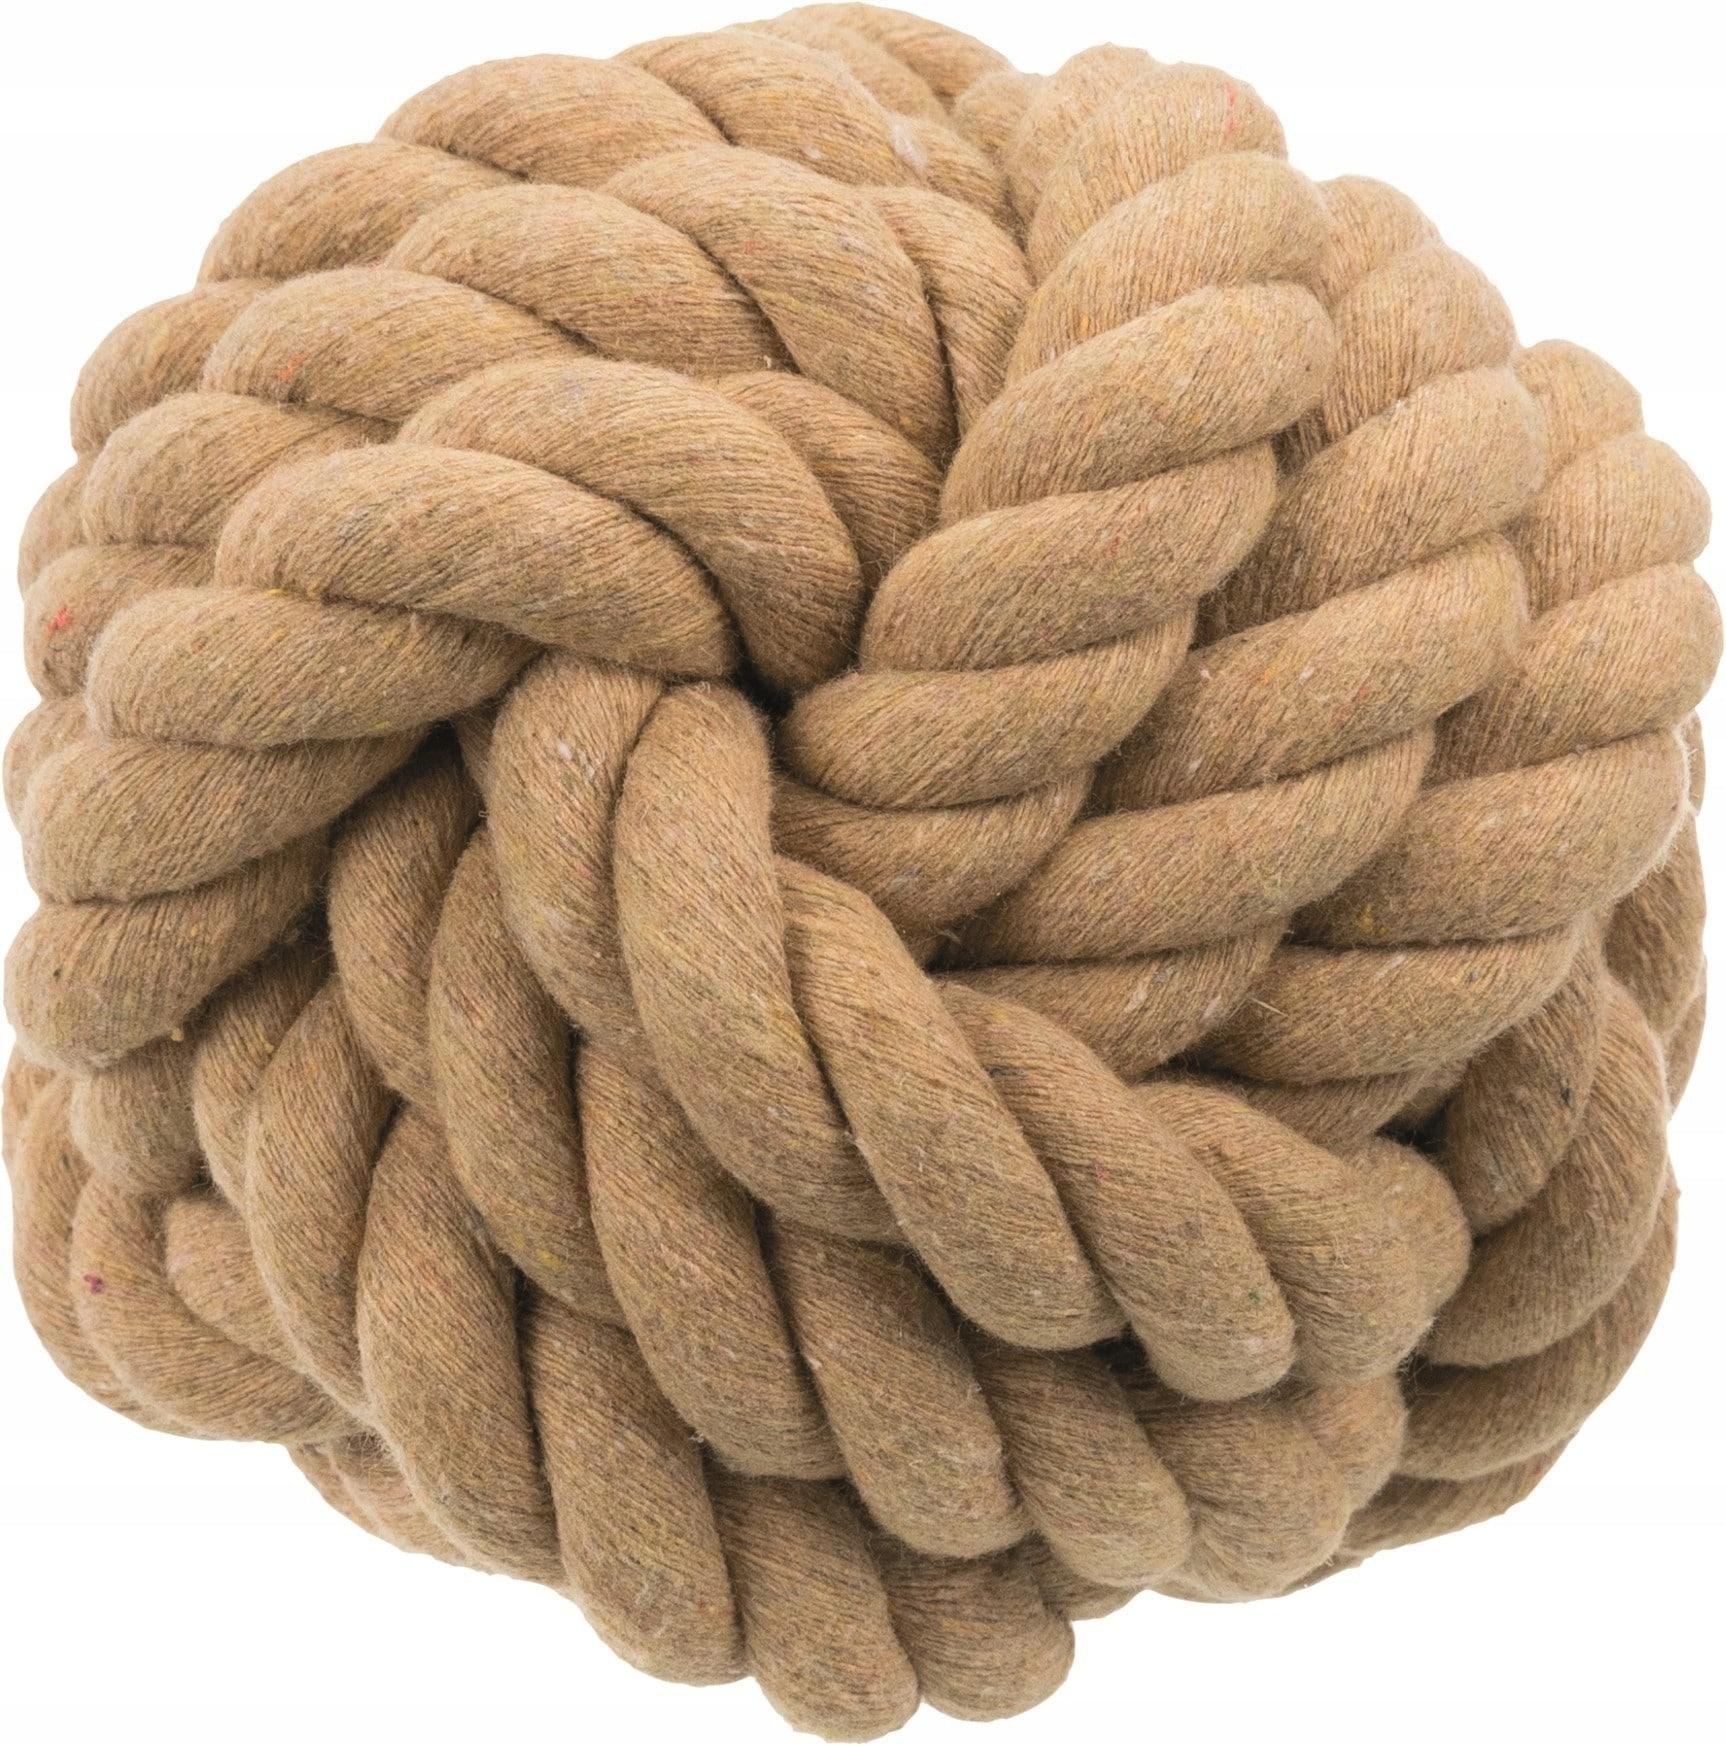 Piłka sznurowa Be Nordic, o 18 cm - 1 zdjęcie